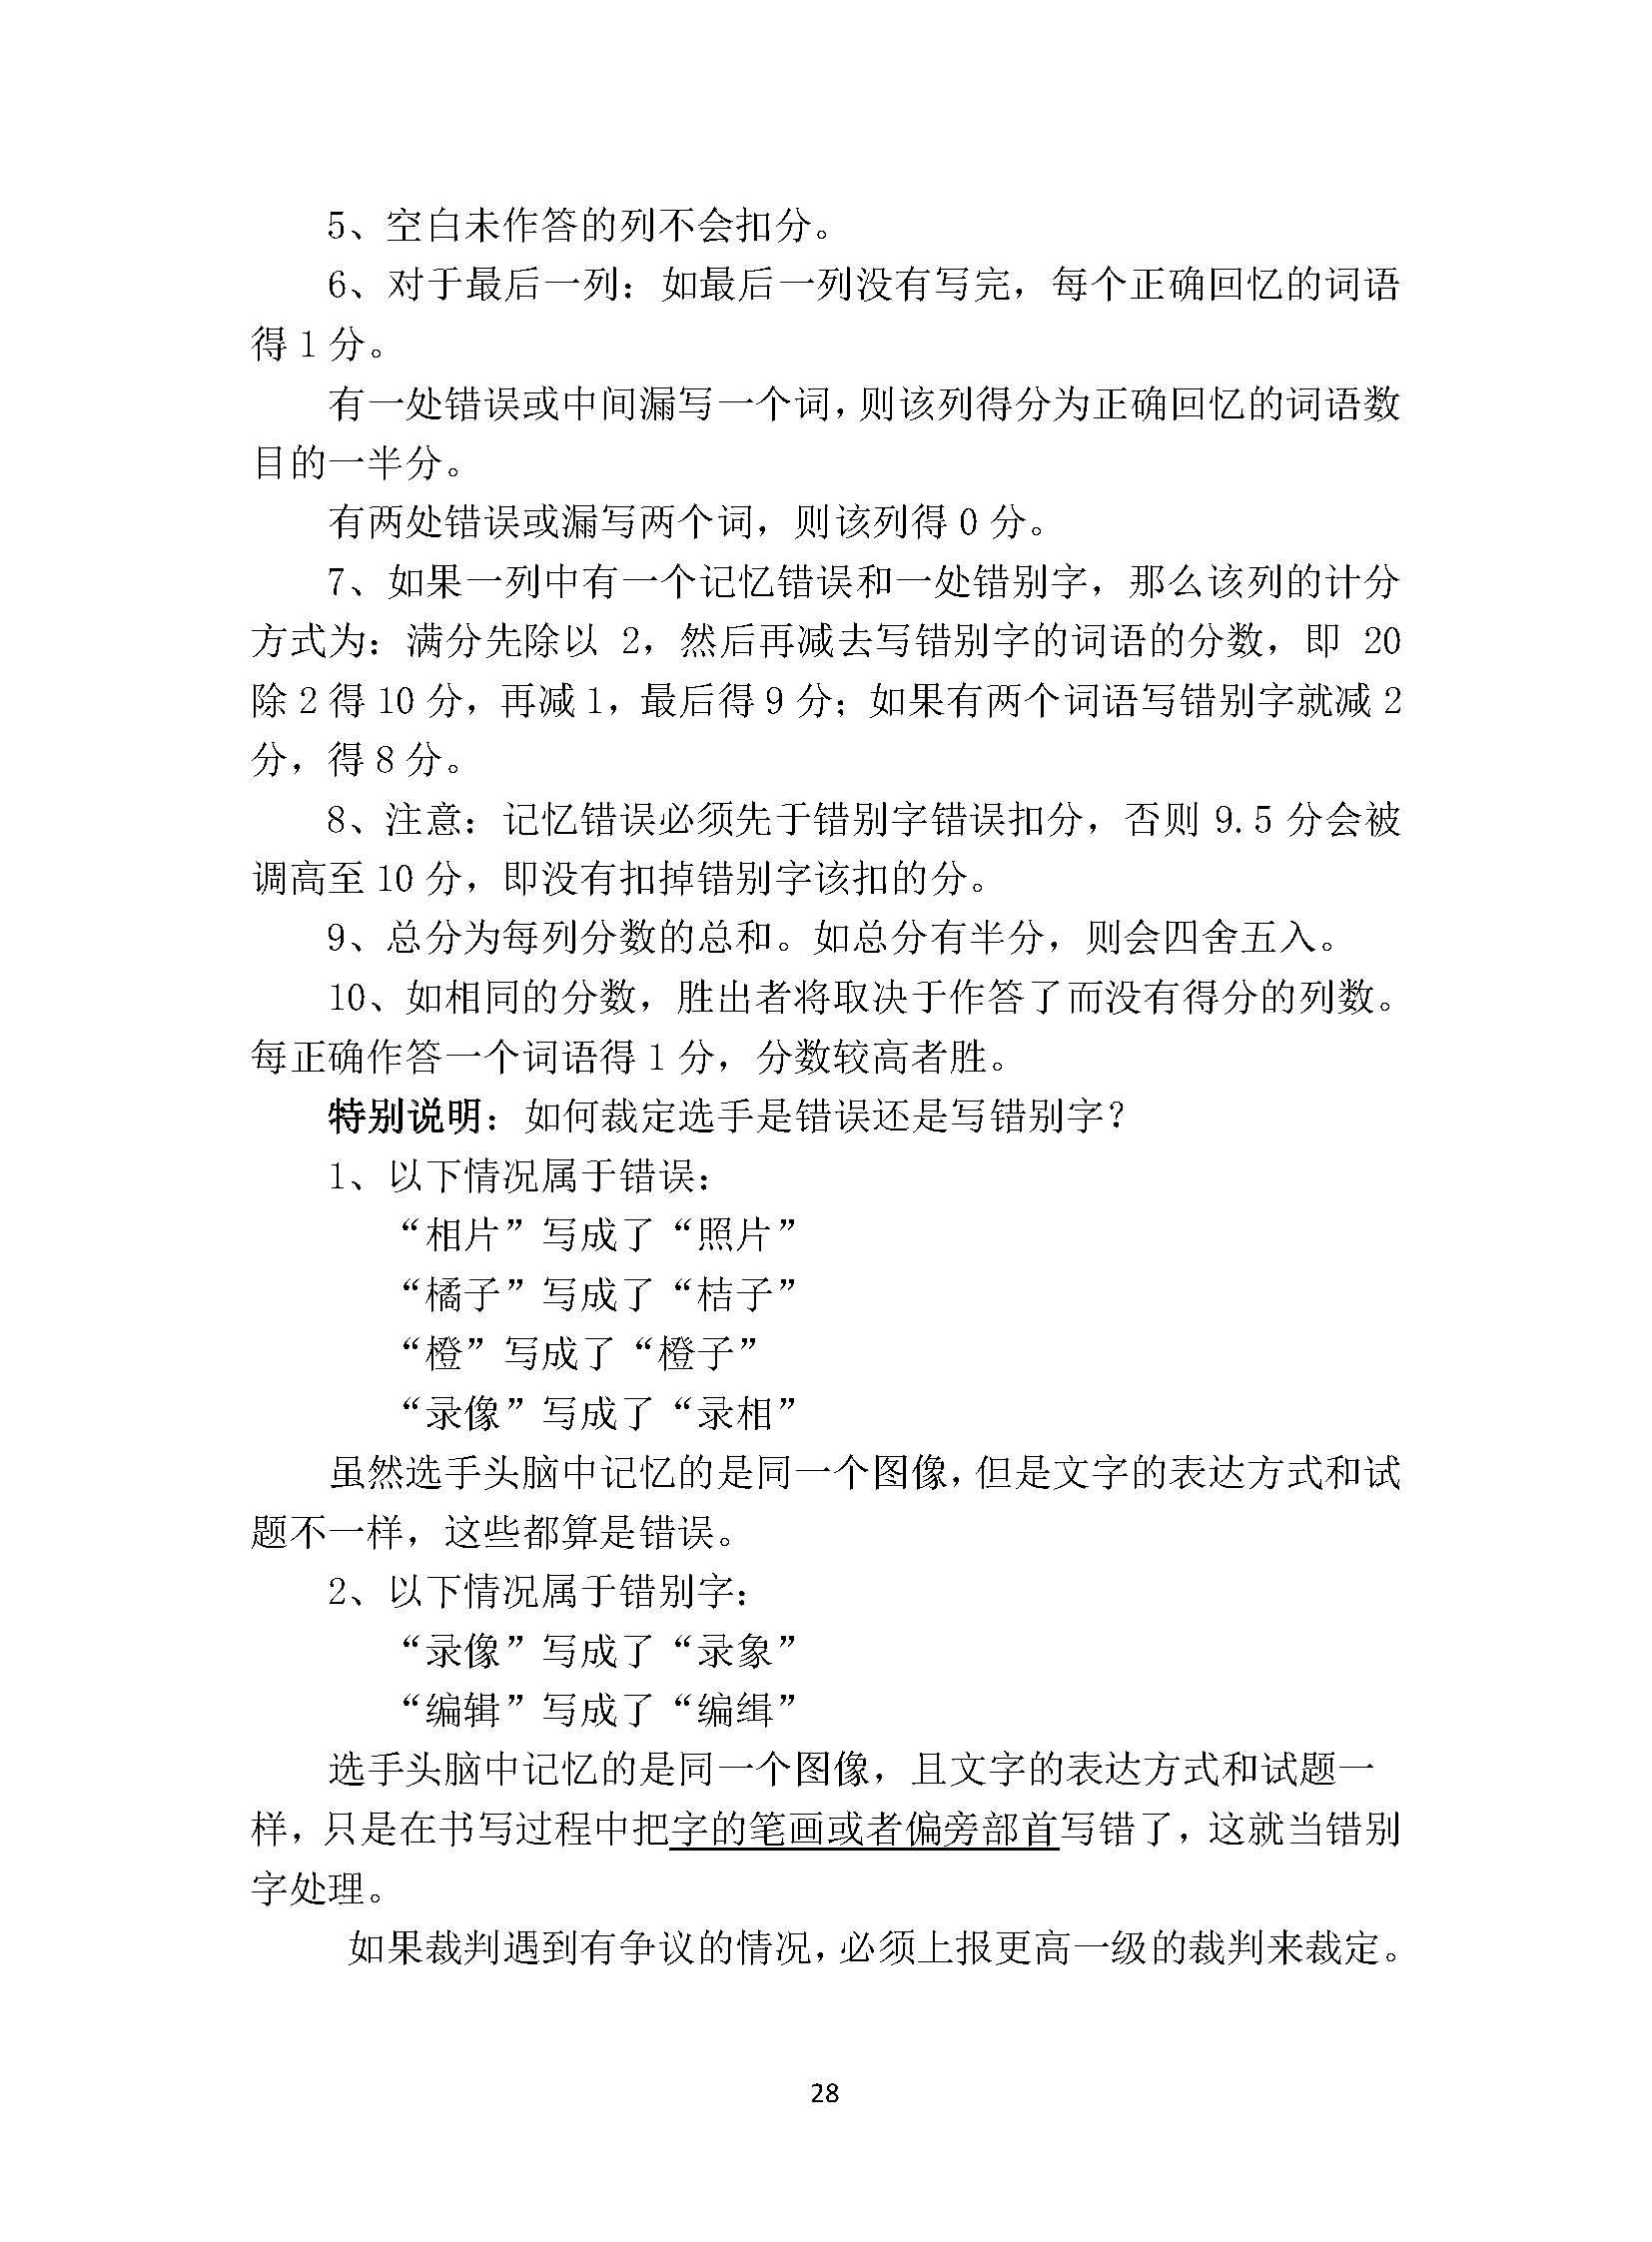 2019WMC选手训练手册-十大项目规则_页面_28